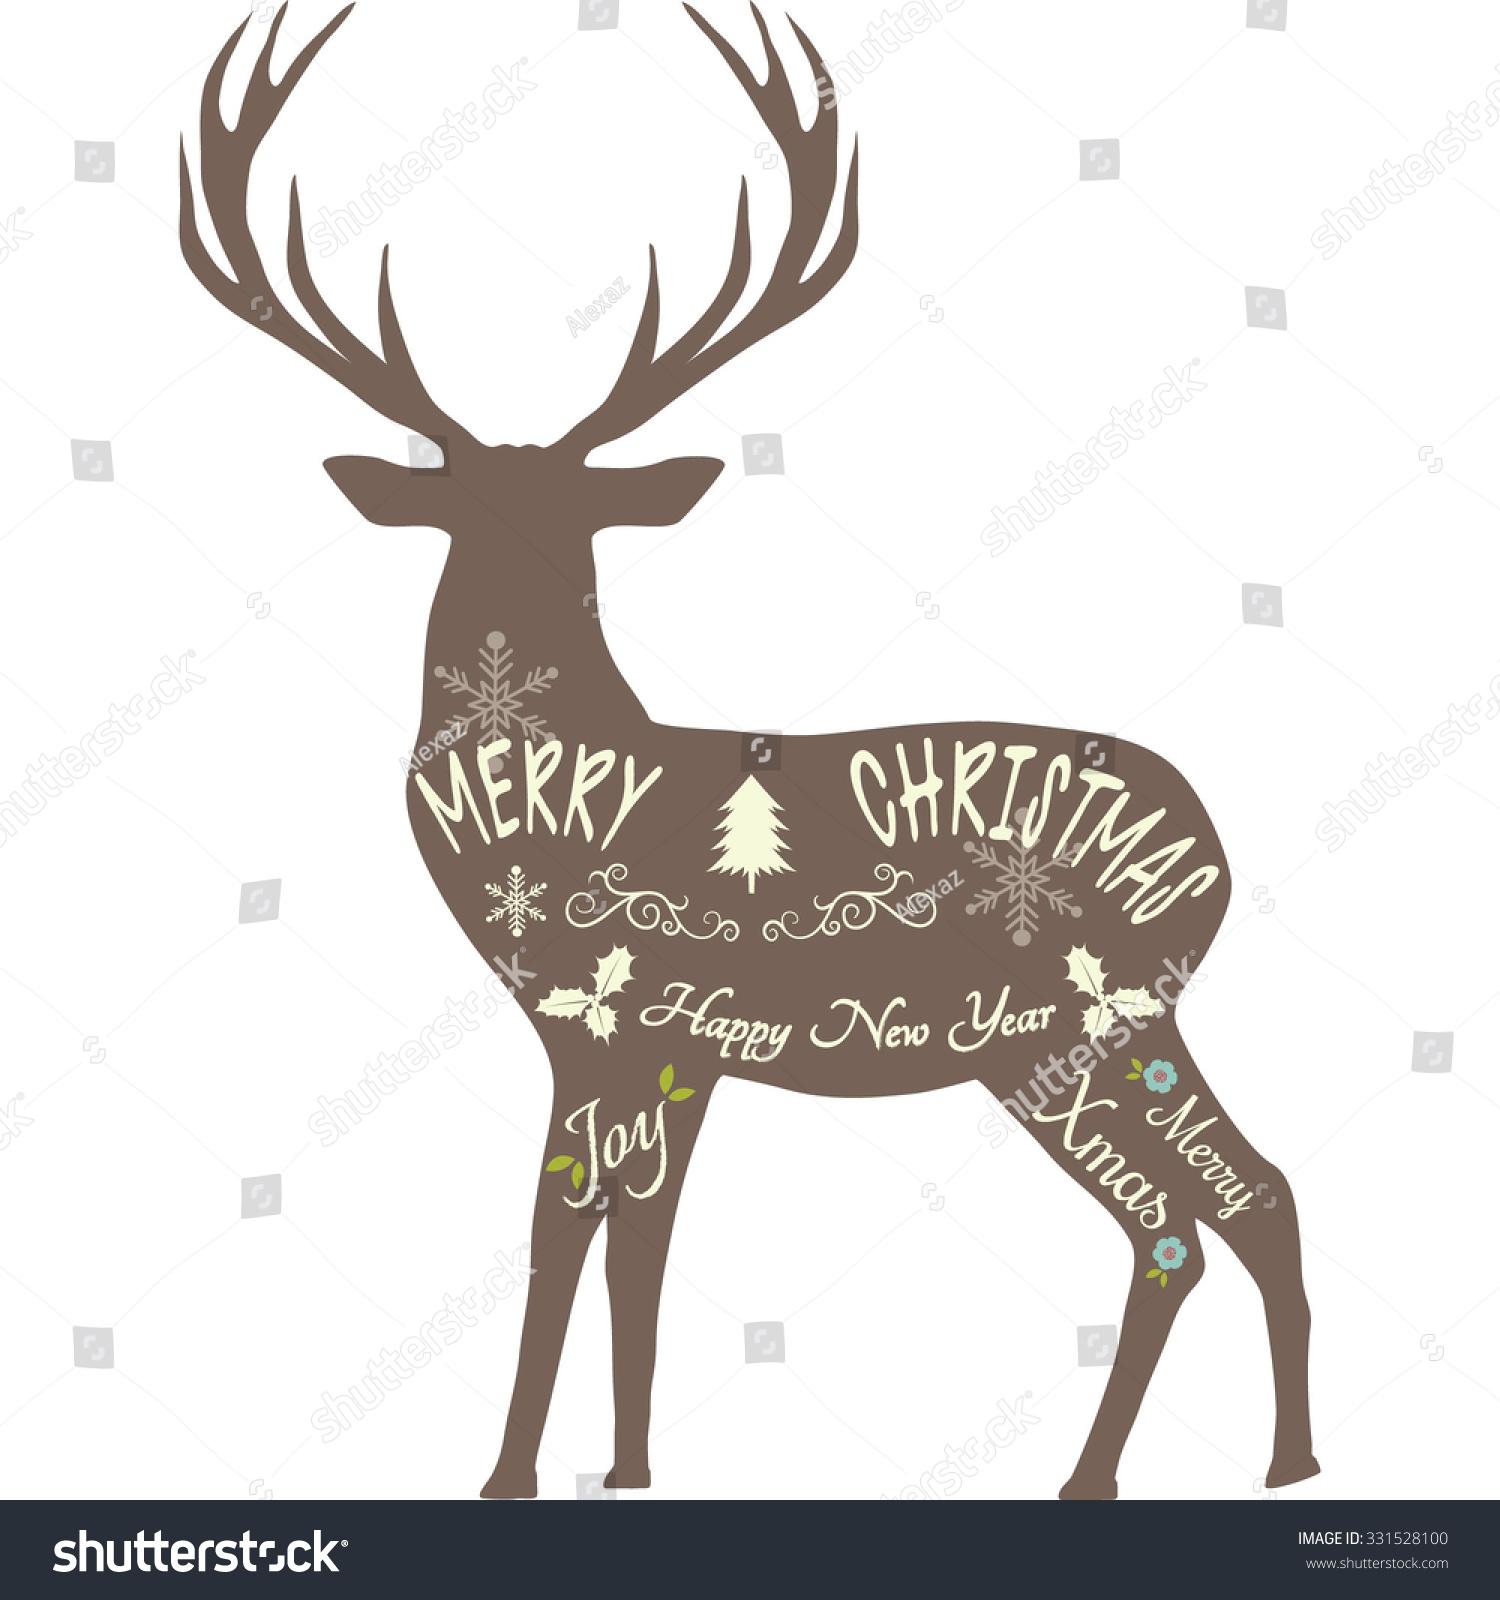 Merry Christmas Reindeer,Reindeer Silhouette,Brown ...